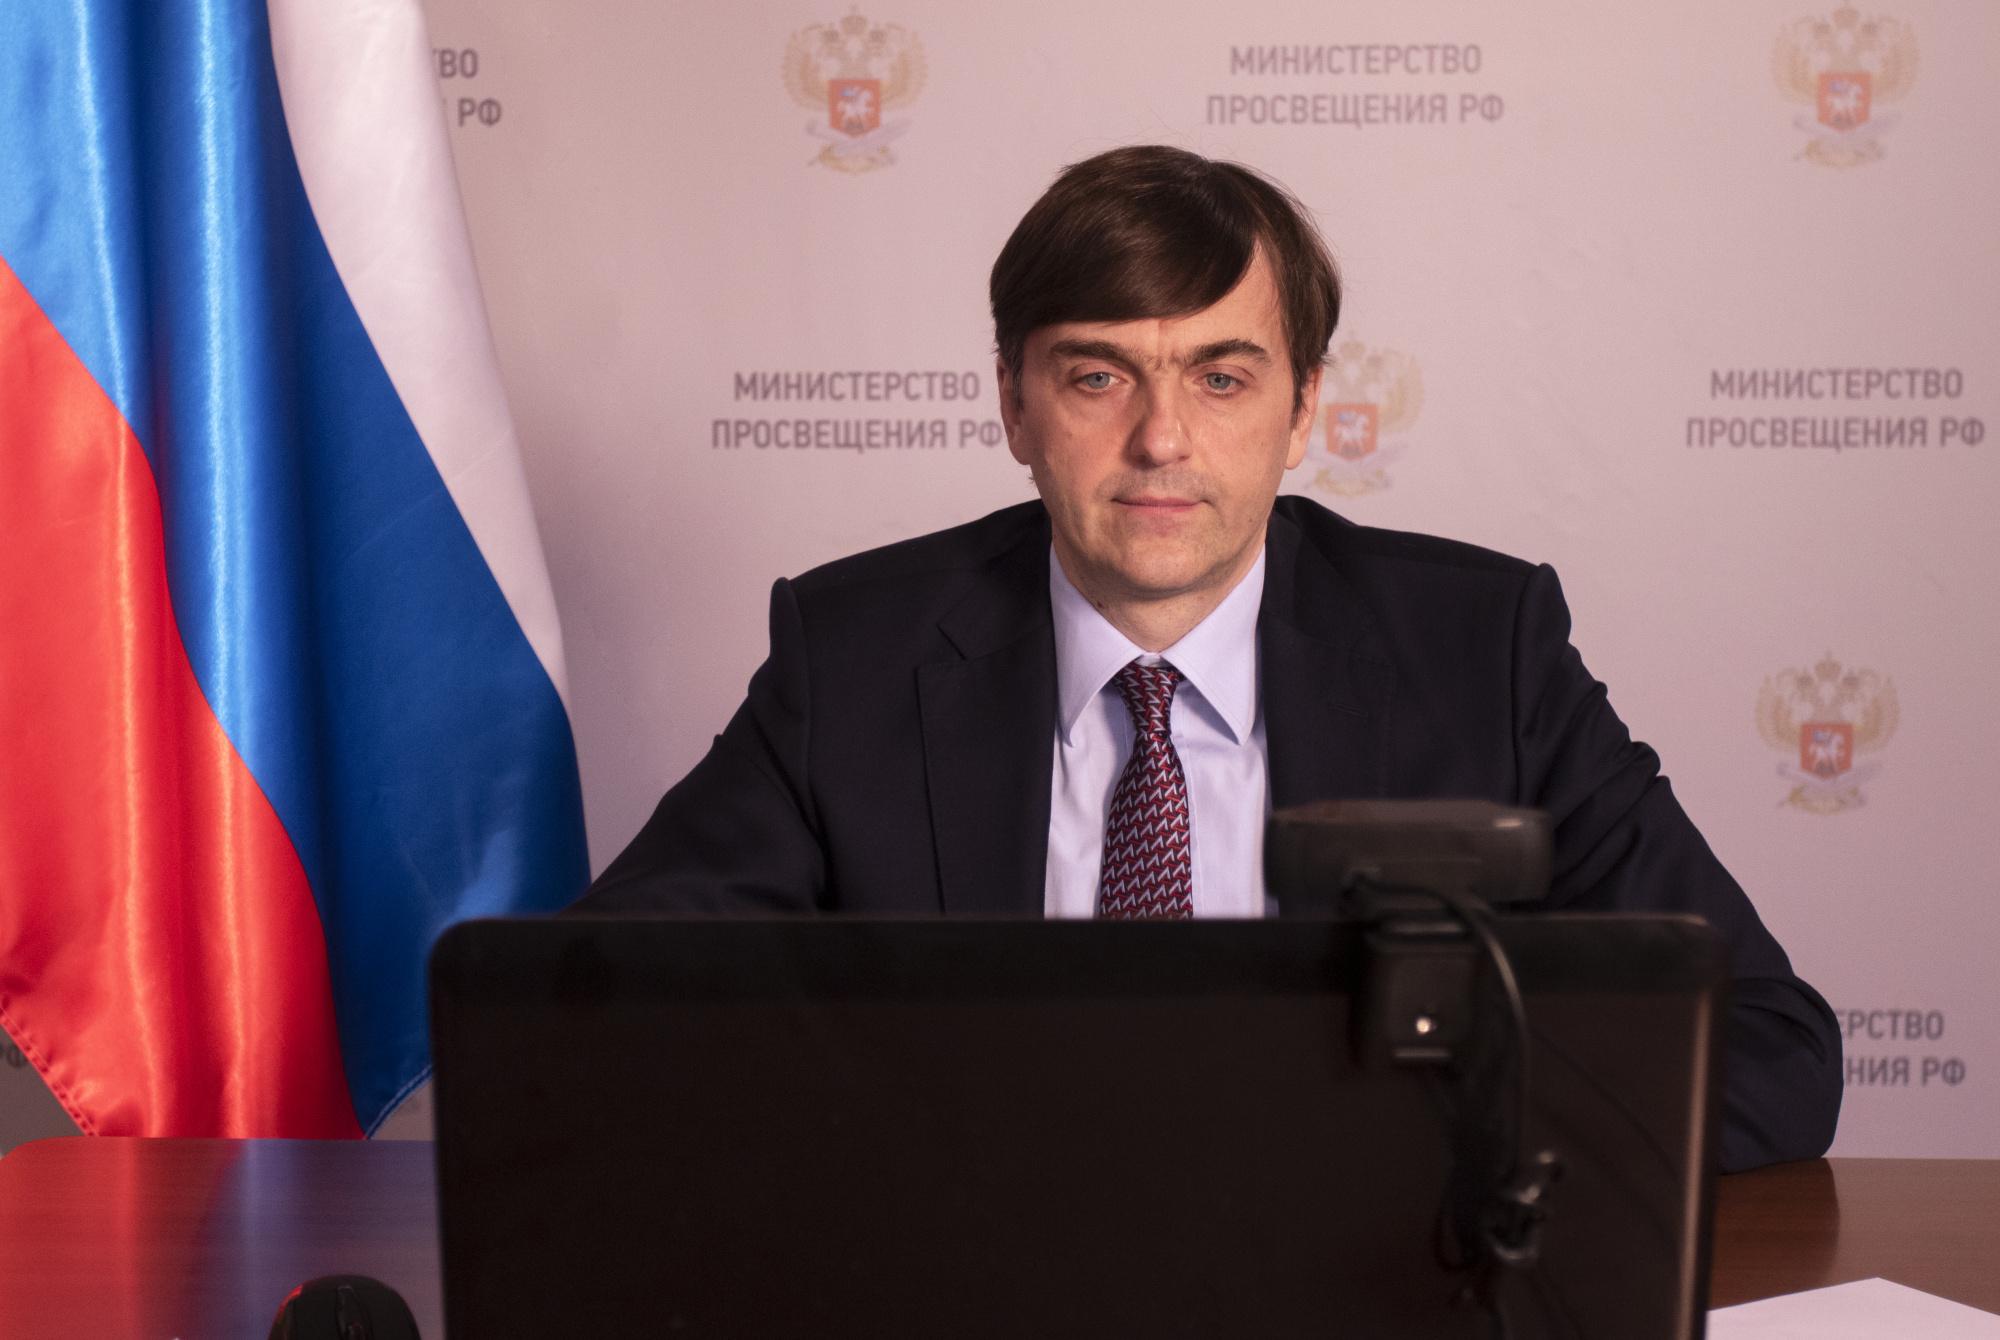 sergej-kratsov-otkryl-vserossijskuyu-aktsiyu-v-podderzhku-vypusknikov-strany-poslednij-zvonok-2020